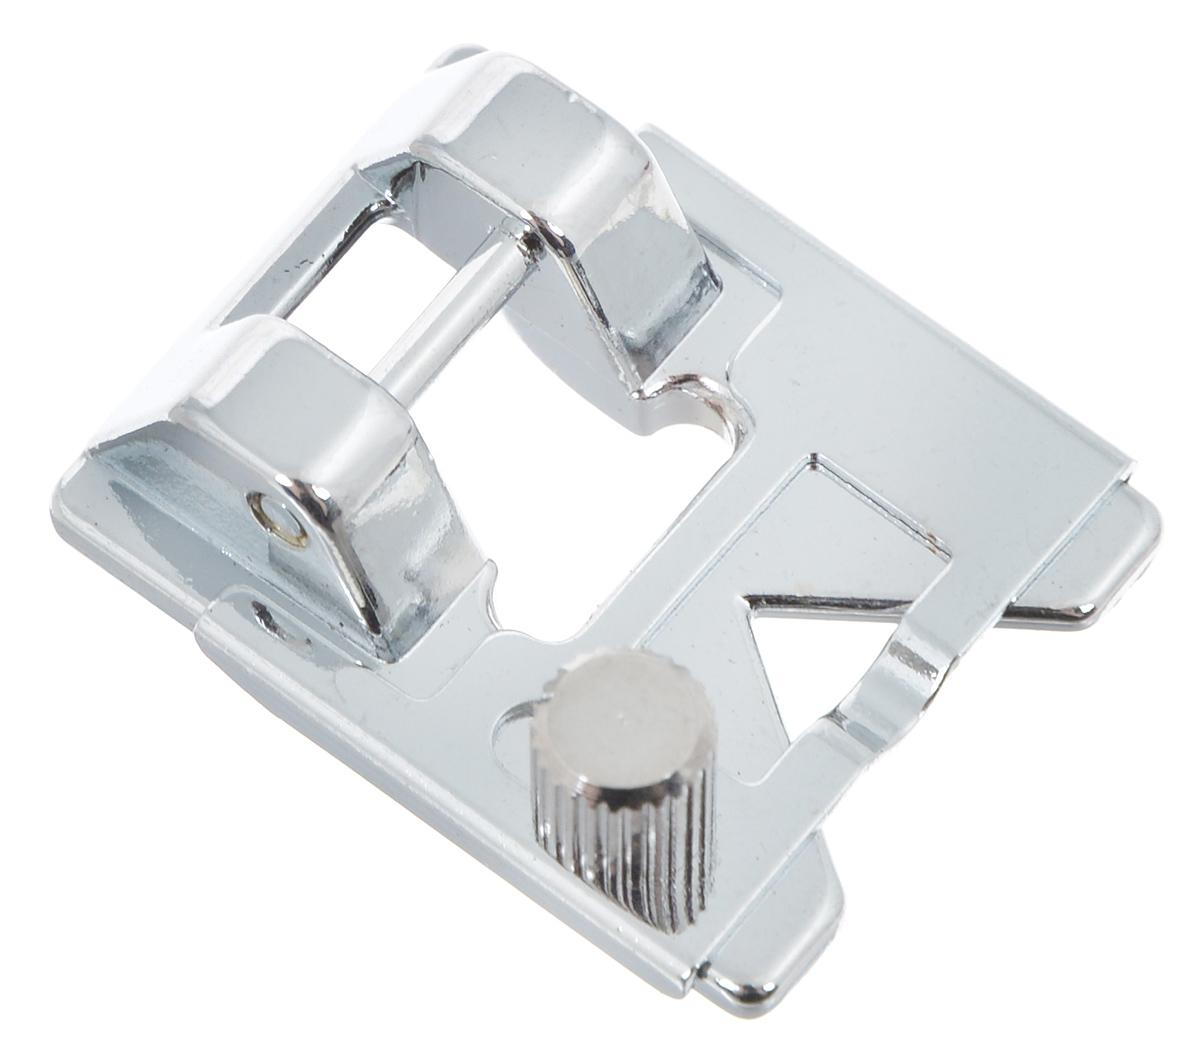 Лапка для швейной машины Aurora, для пришивания тесьмыAU-131Лапка для швейной машины Aurora используется для настрачивания тесьмы, лент, канта и прочих декоративных элементов шириной до 5 мм. Подходит для большинства современных бытовых швейных машин. Инструкция по использованию прилагается.